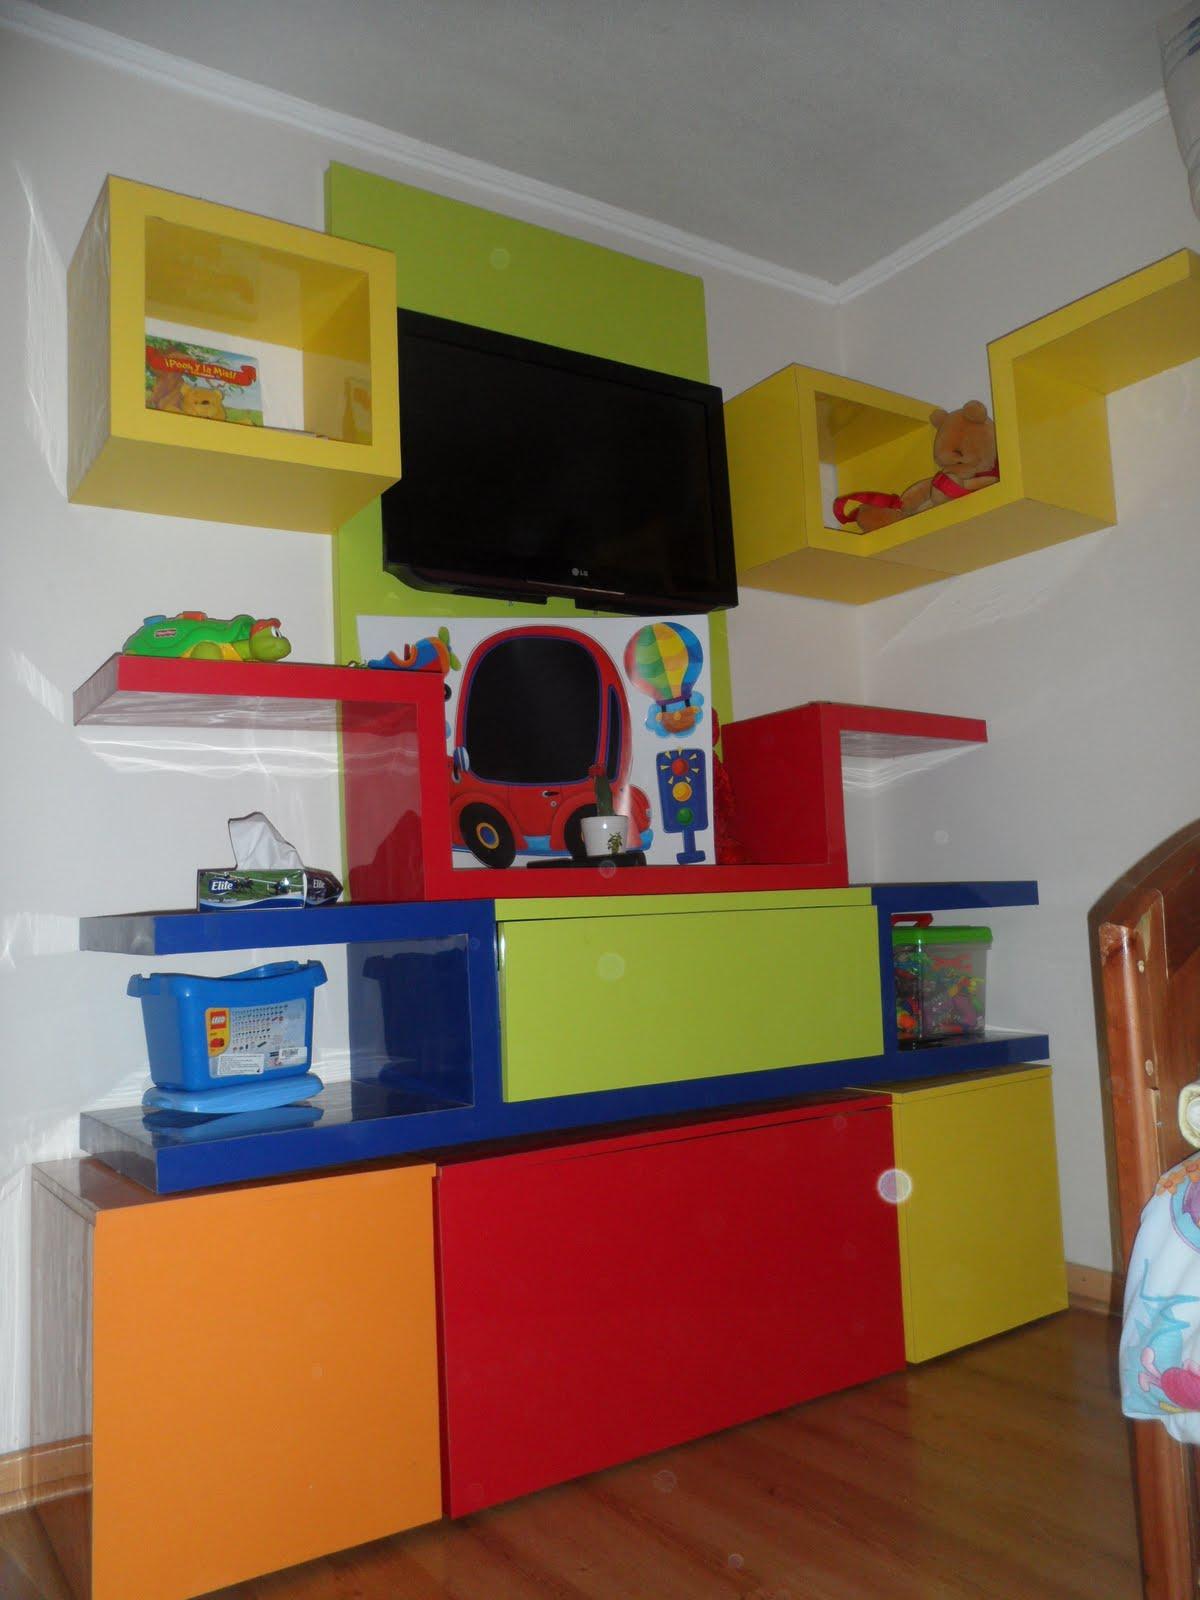 Muebles Para Organizar Juguetes Mueble Para Juguetes Organizar - Muebles-para-juguetes-nios